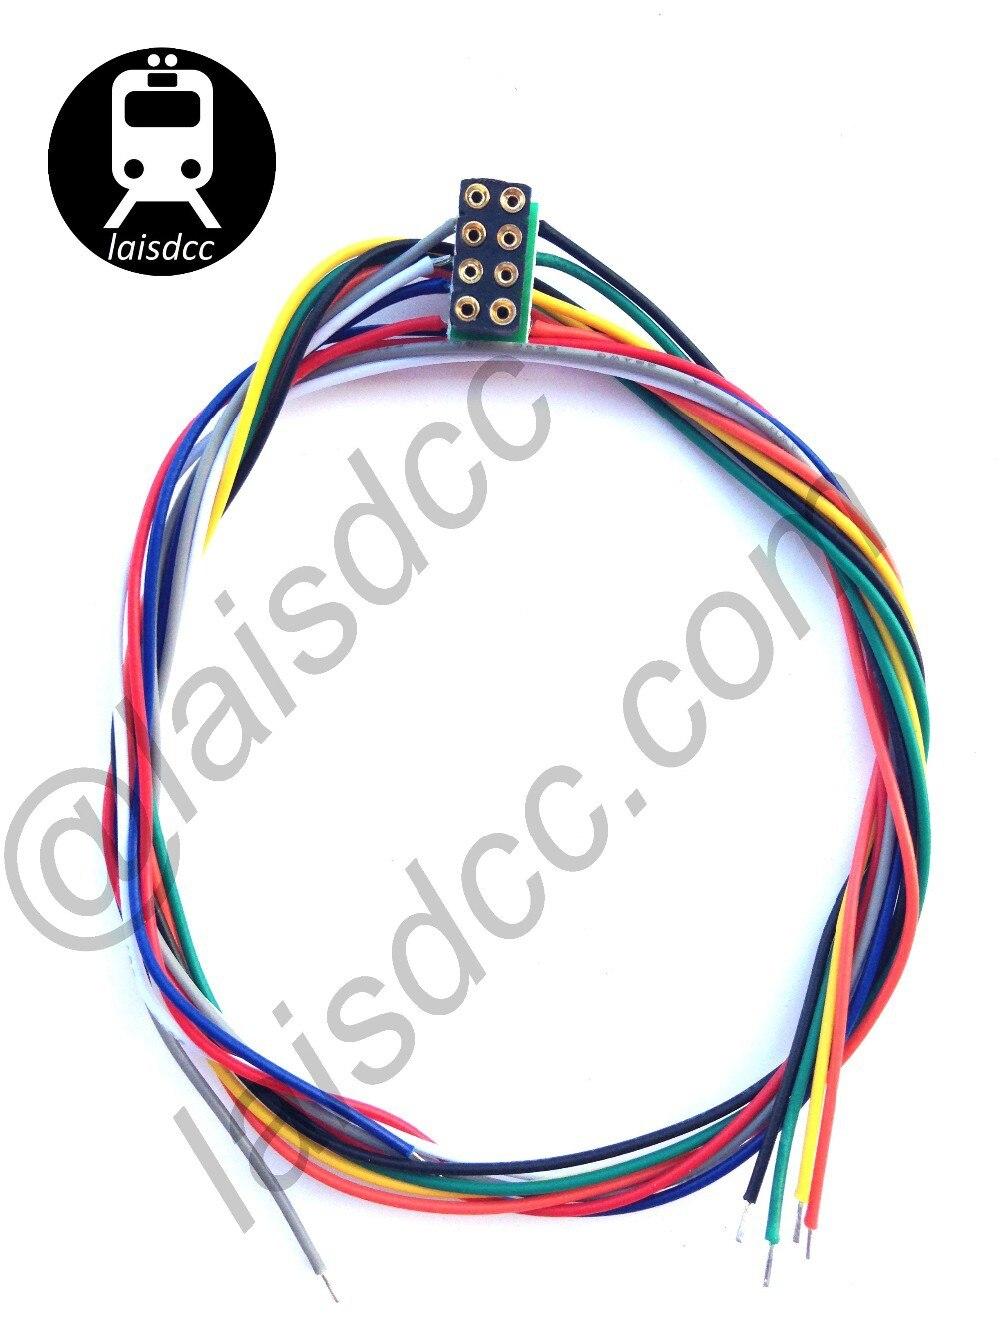 10 pcs 8 PIN DÉCODEUR DCC PRISES NEM 652 AVEC FILAIRE HARNAIS 860001/LaisDcc Marque